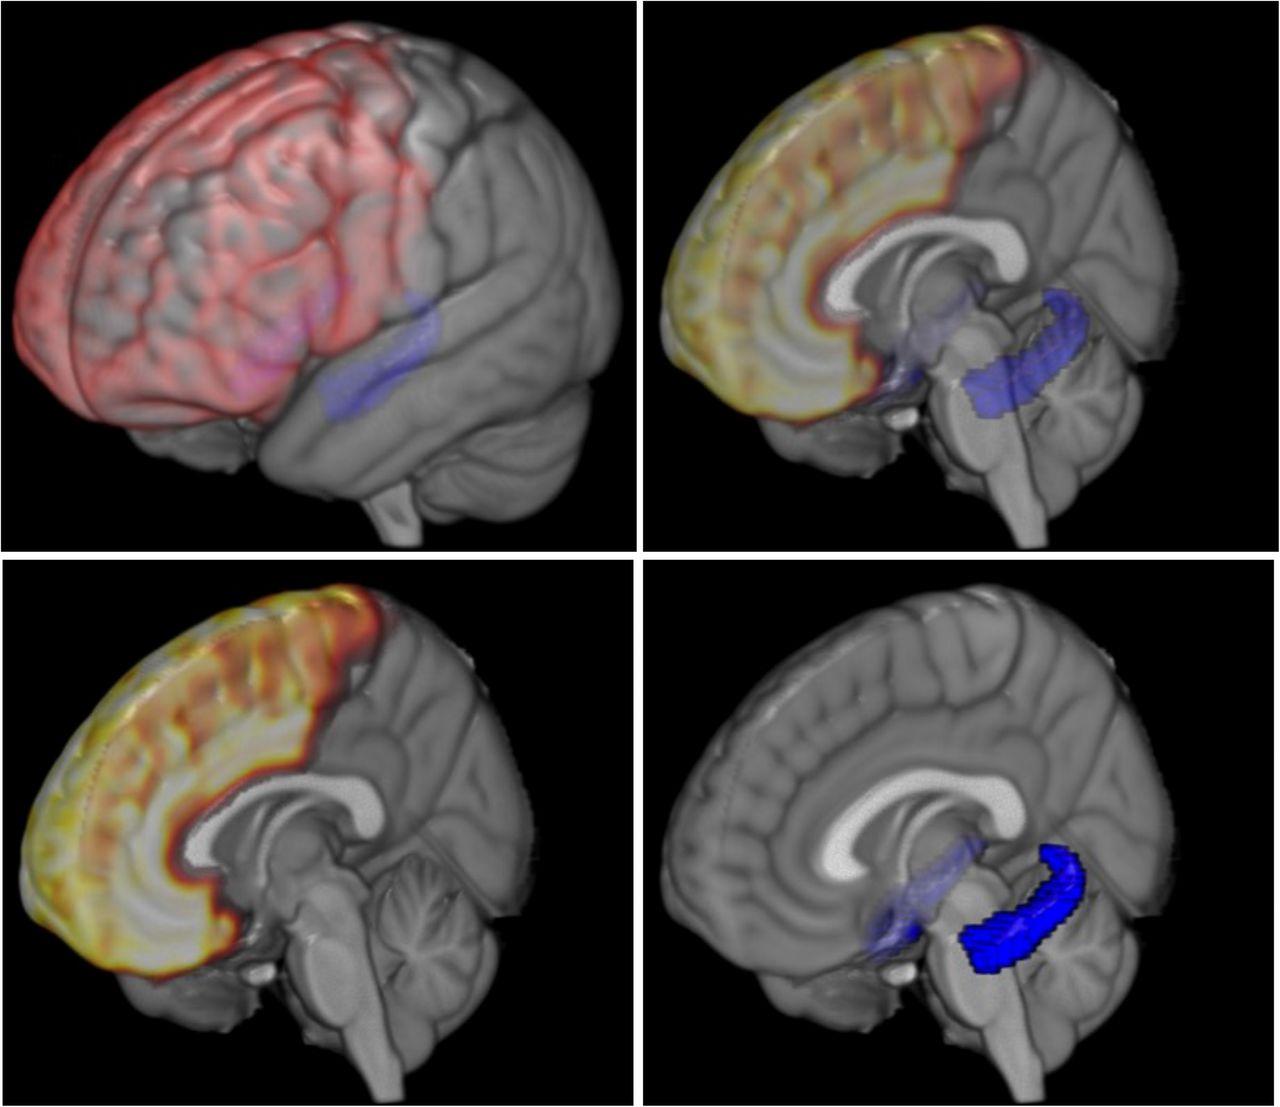 Основними осередками мозку, що унаочнюють відмінності у розвитку бідних дітей, є гіпокамп (позначений синім кольором) та лобова частина (позначена червоним/жовтим). Зображення надав Джеймі Хенсон (Університет Дюка, Дарем, Північна Кароліна, і Університет Північної Кароліни, Чапел-Хілл).